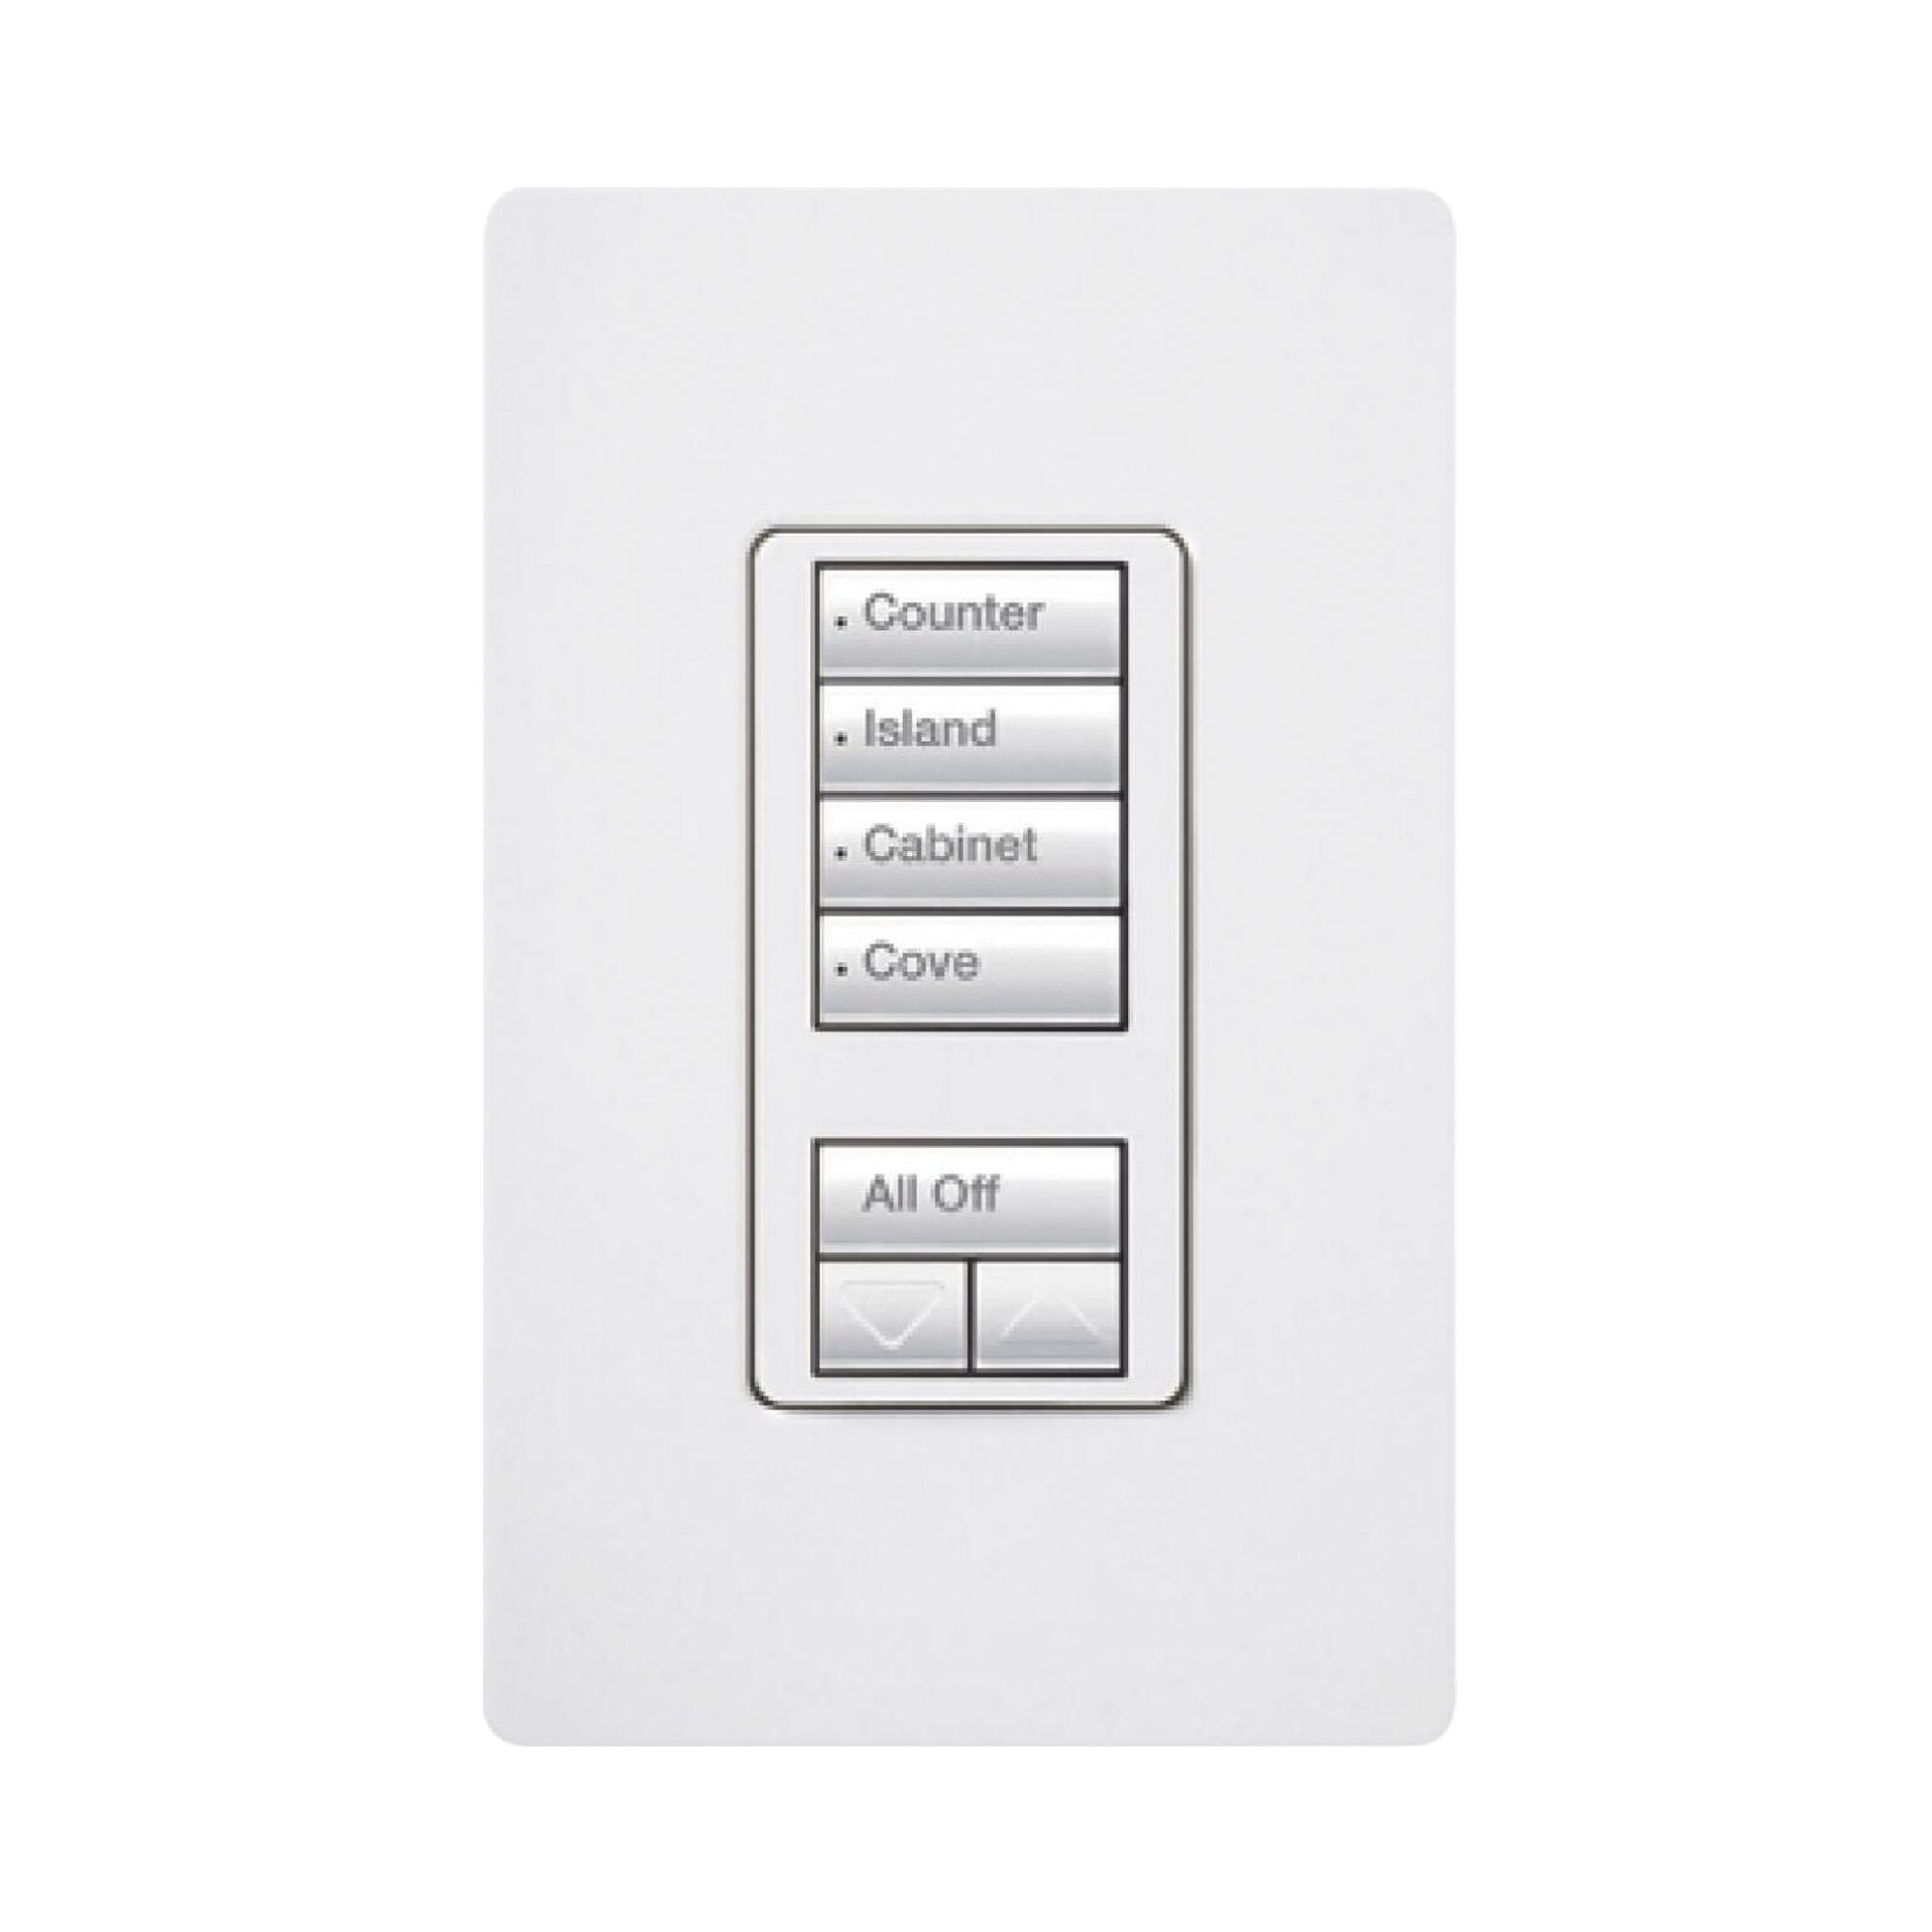 Botonera 4 botones hibrida, requiere cable neutro para el control del circuito.